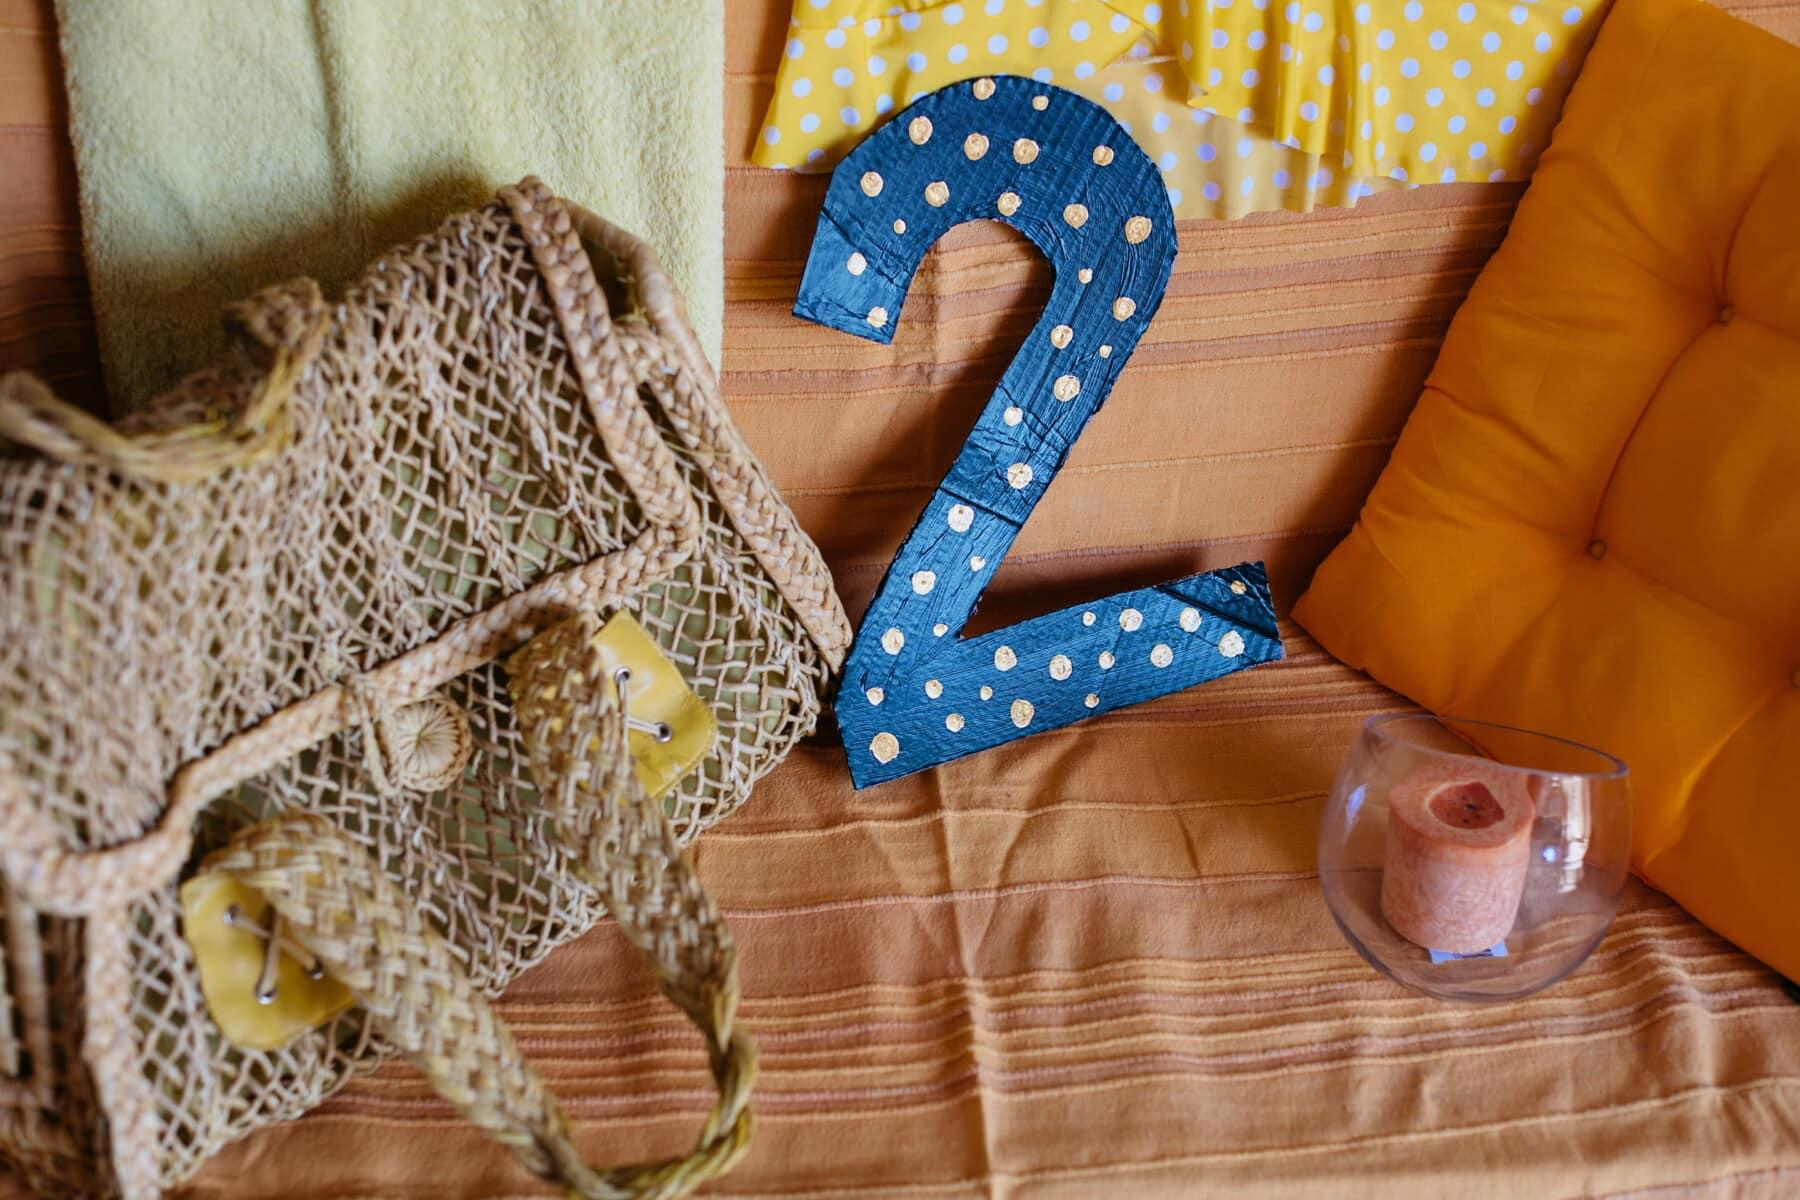 el yapımı, moda, Aksesuar, el çantası, dekorasyon, Yatak, yastık, bagaj, ev yapımı, Natürmort